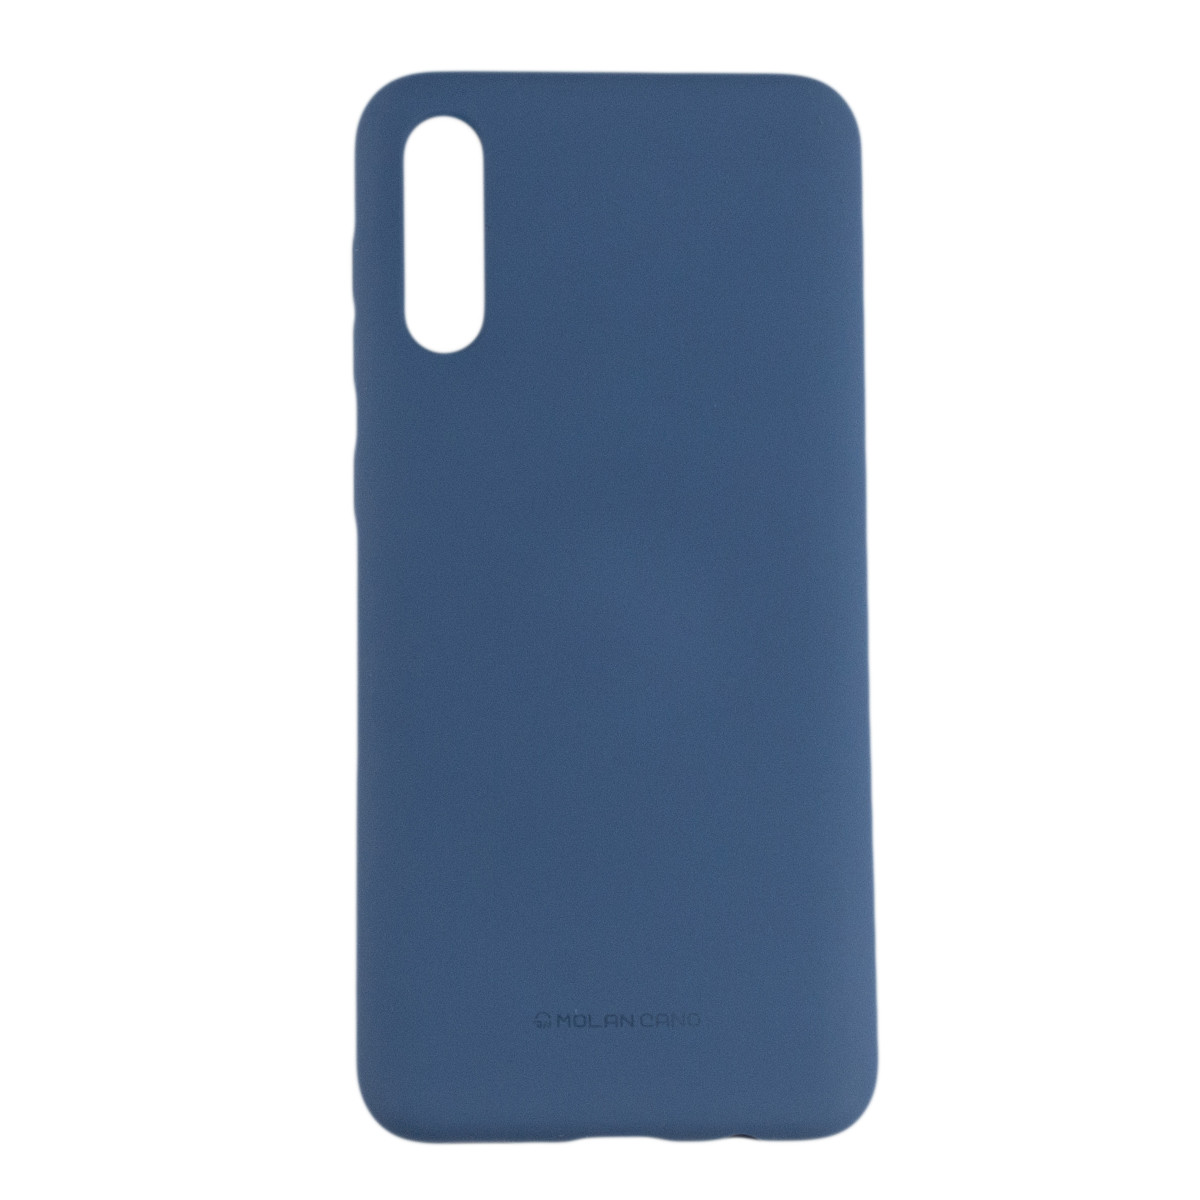 Оригинальный силиконовый чехол Molan Cano Jelly Case для Samsung Galaxy A30S (SM-A307) (синий)